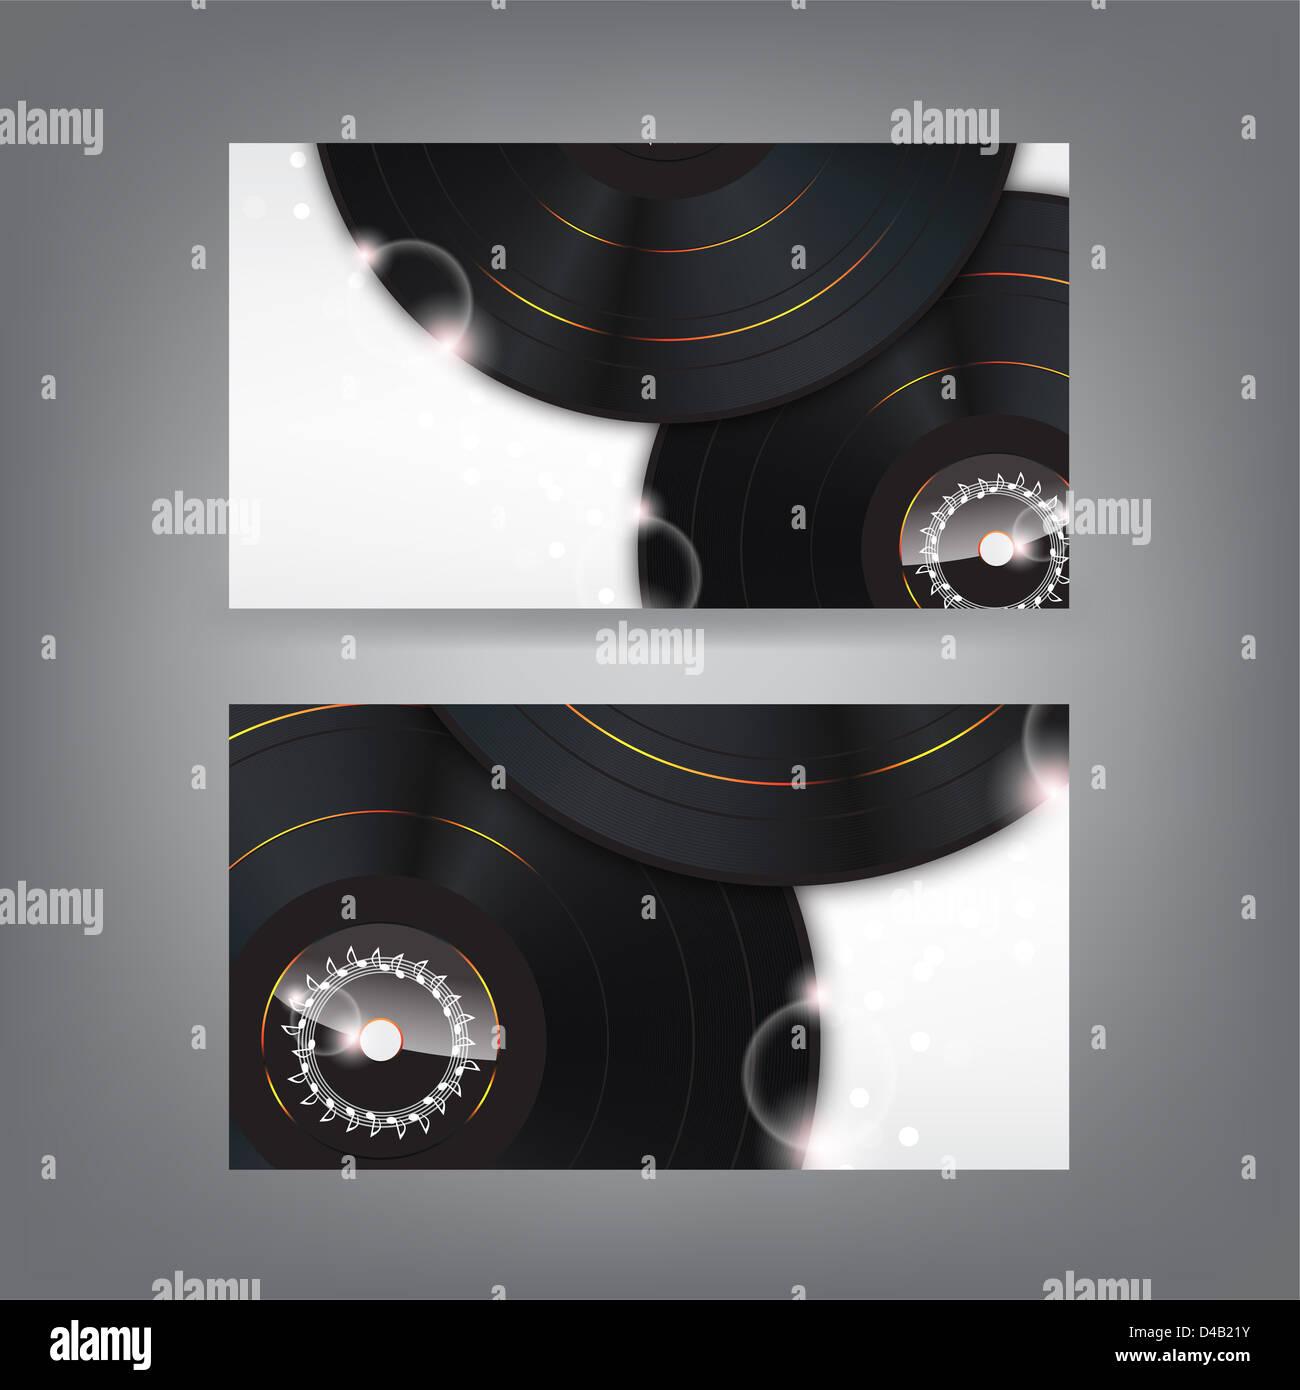 Musik Thema Visitenkarte Vorlage Mit Vinyl Platten Teil2